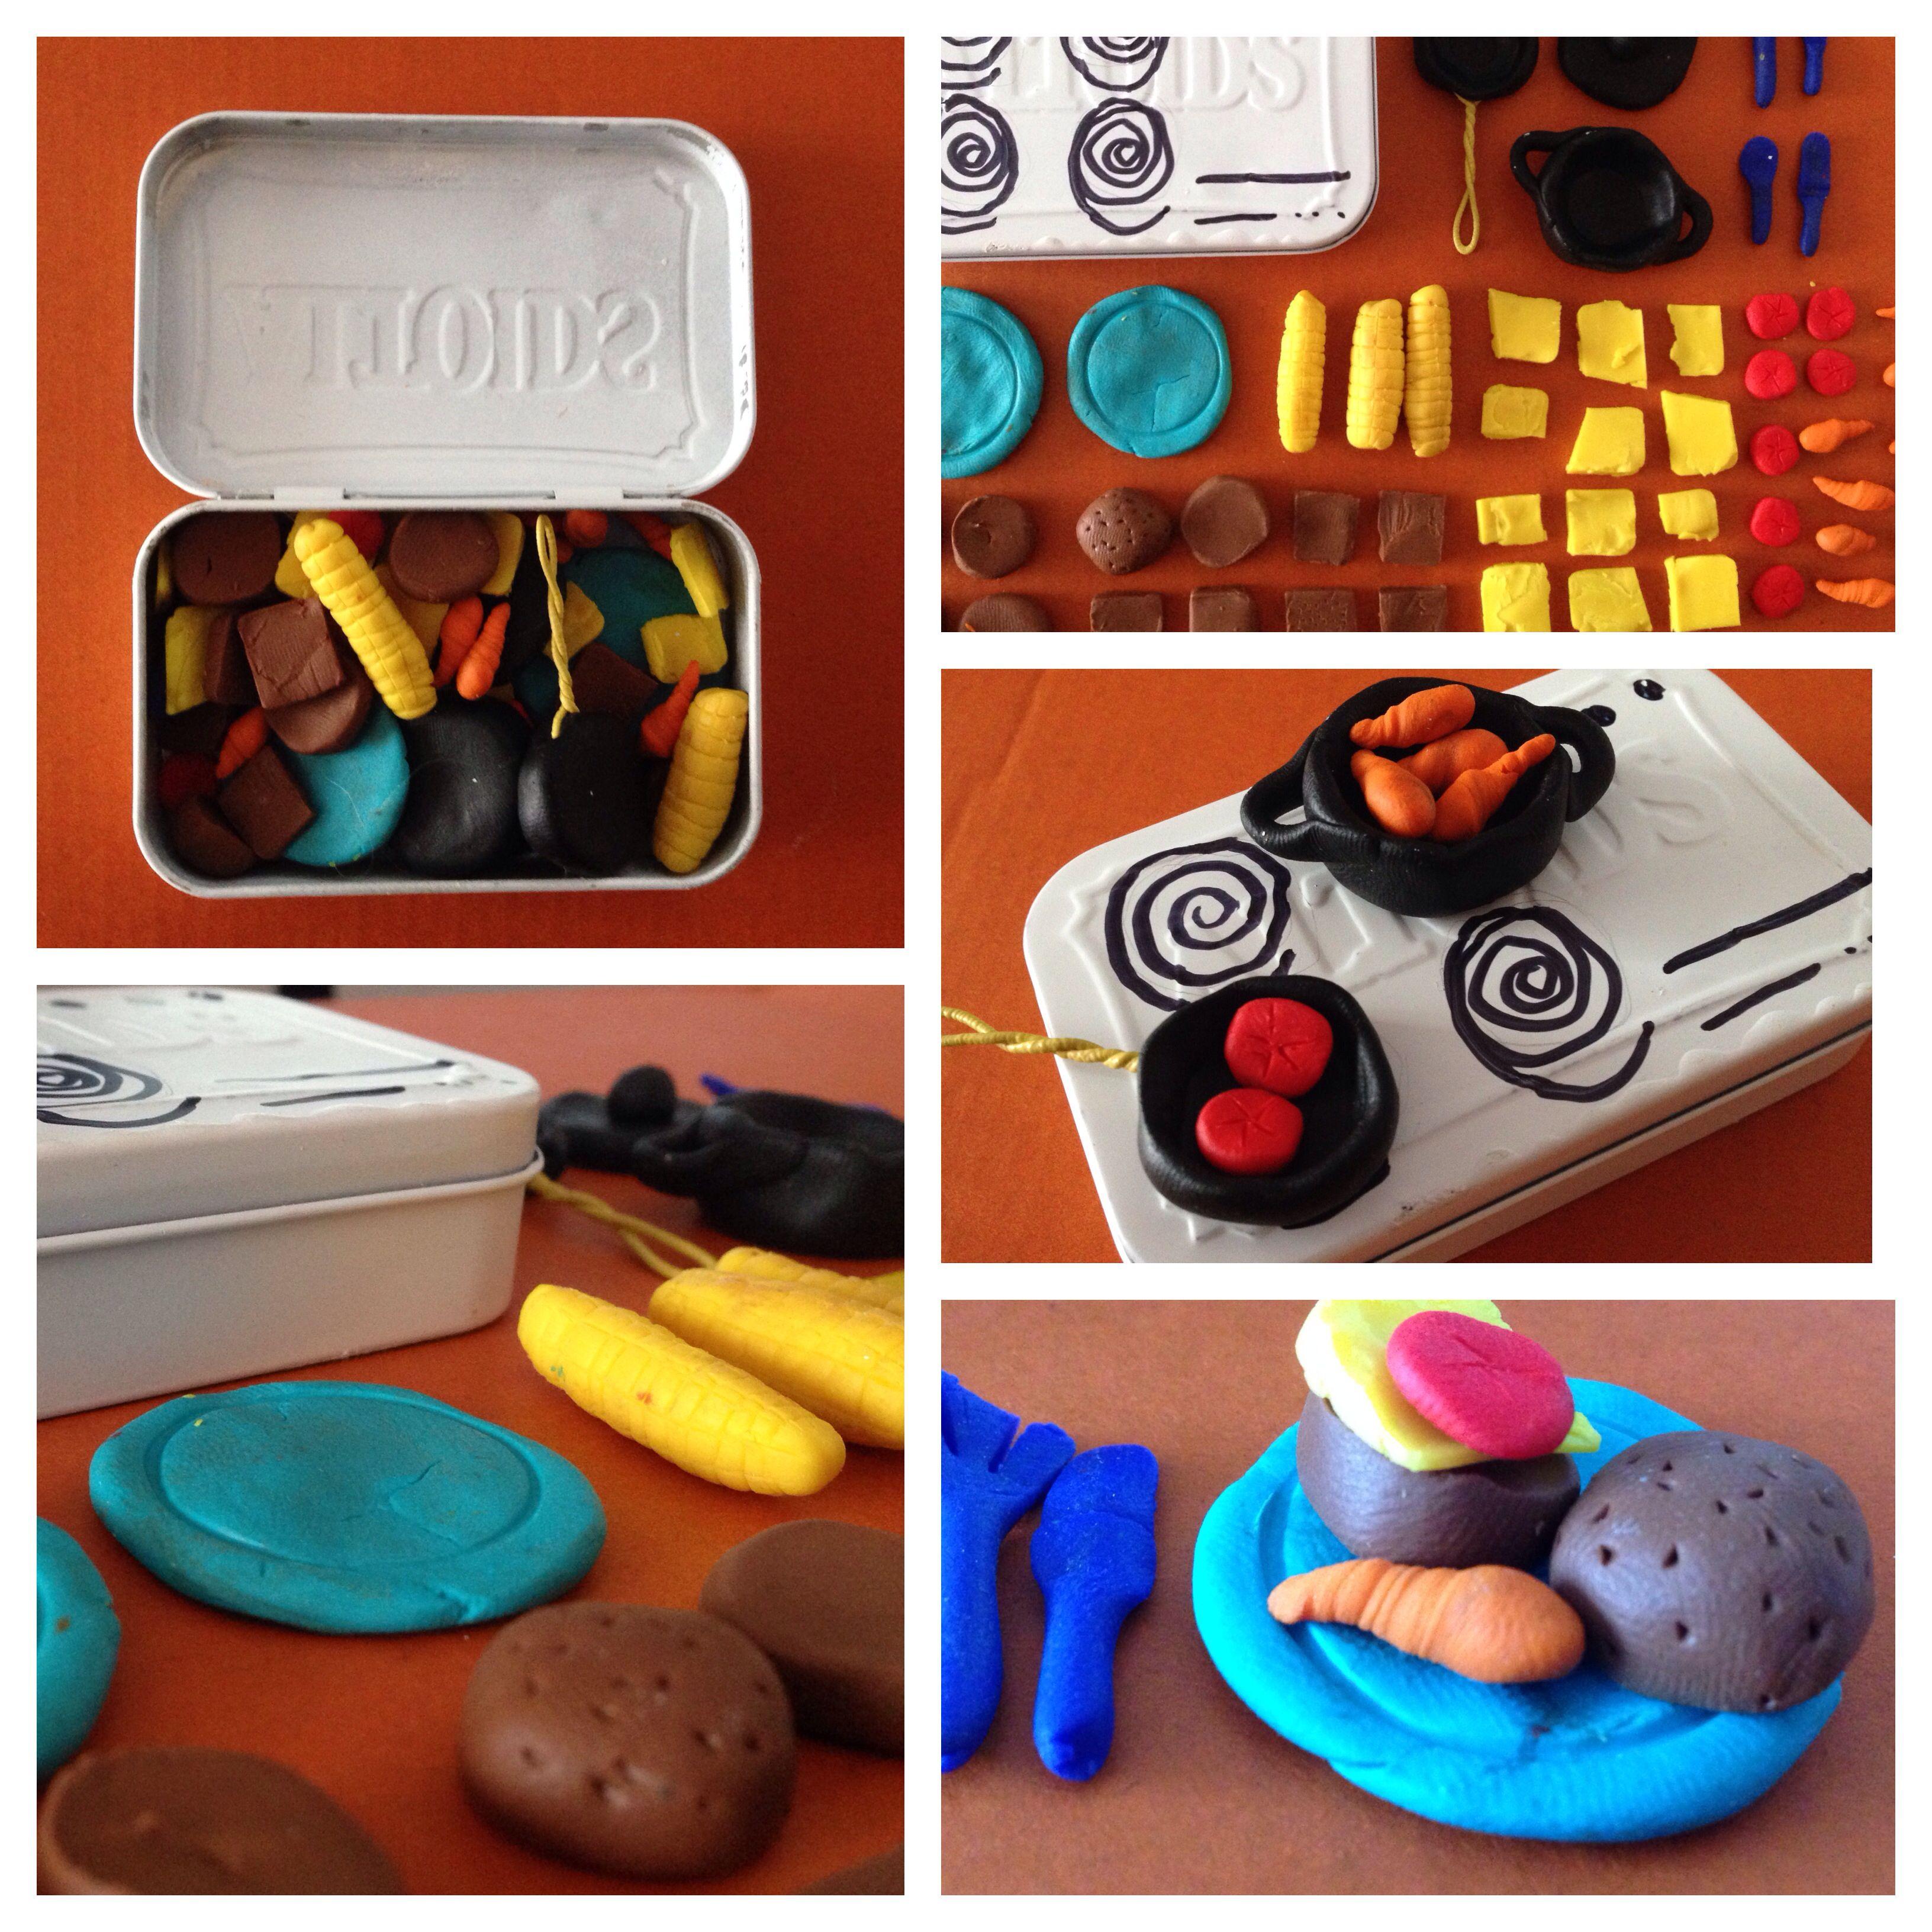 diy portable kids kitchen set 1x altoids tin and some fimo clay